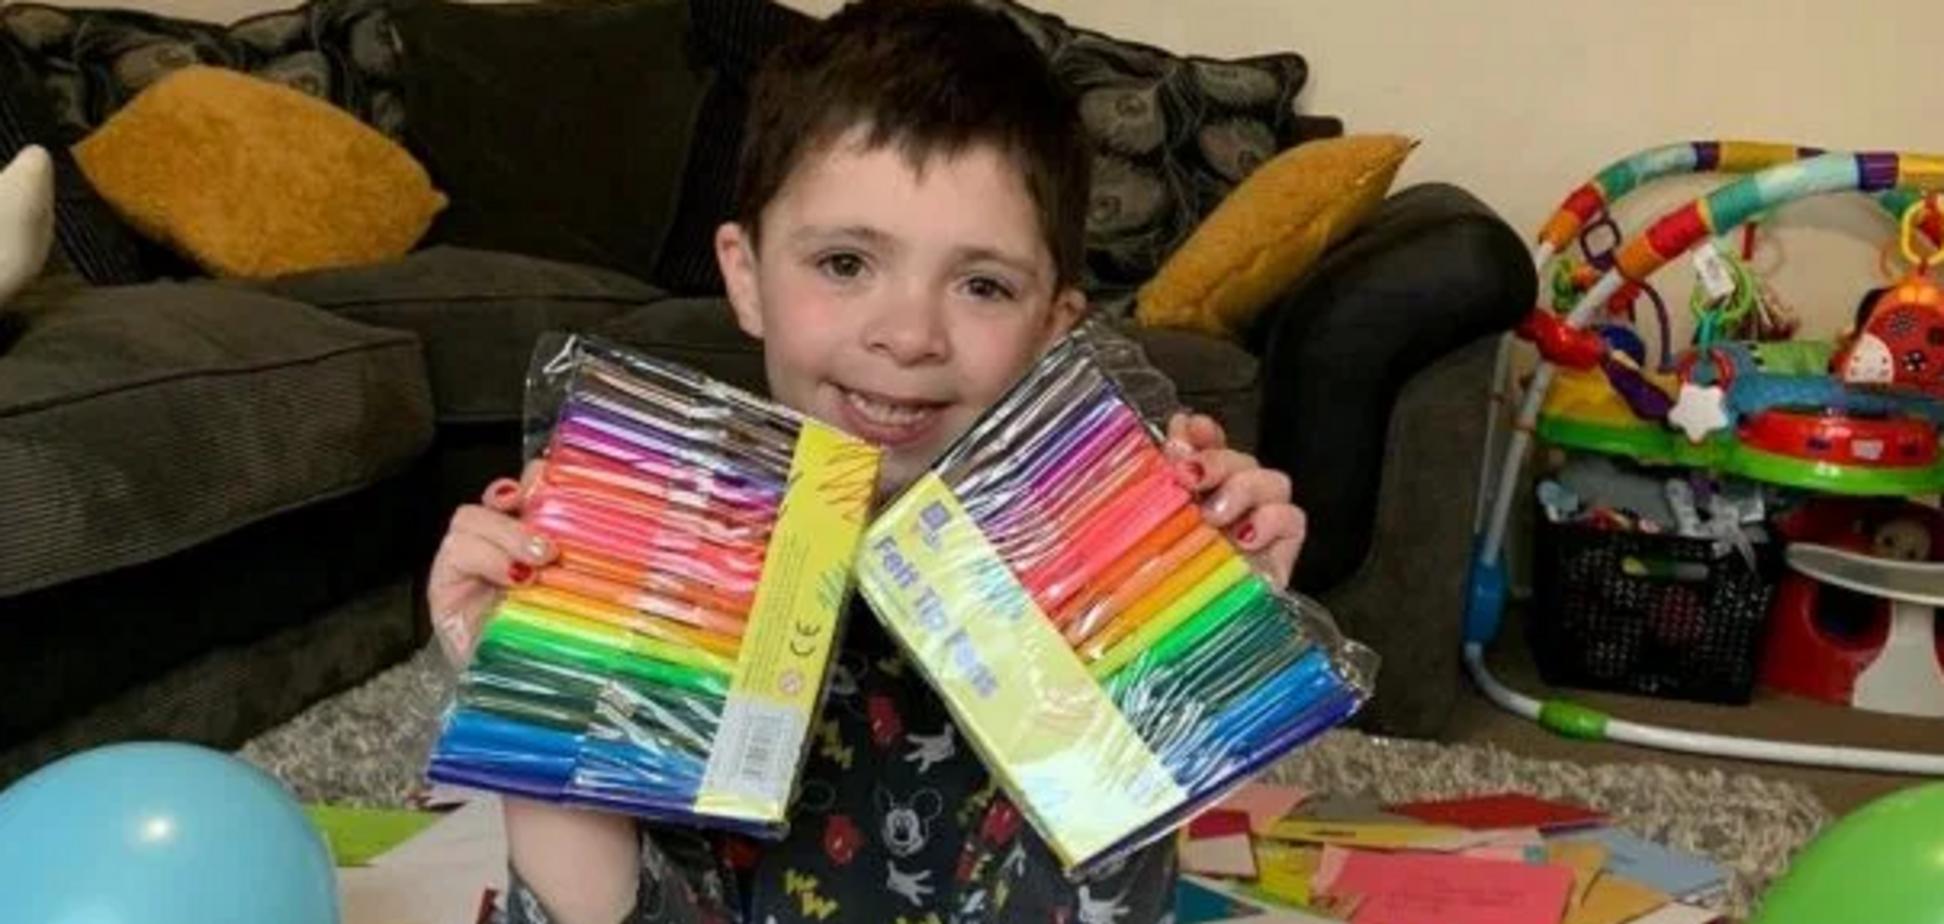 Самотнього хлопчика з аутизмом підтримав весь світ у день народження. Фото та його історія